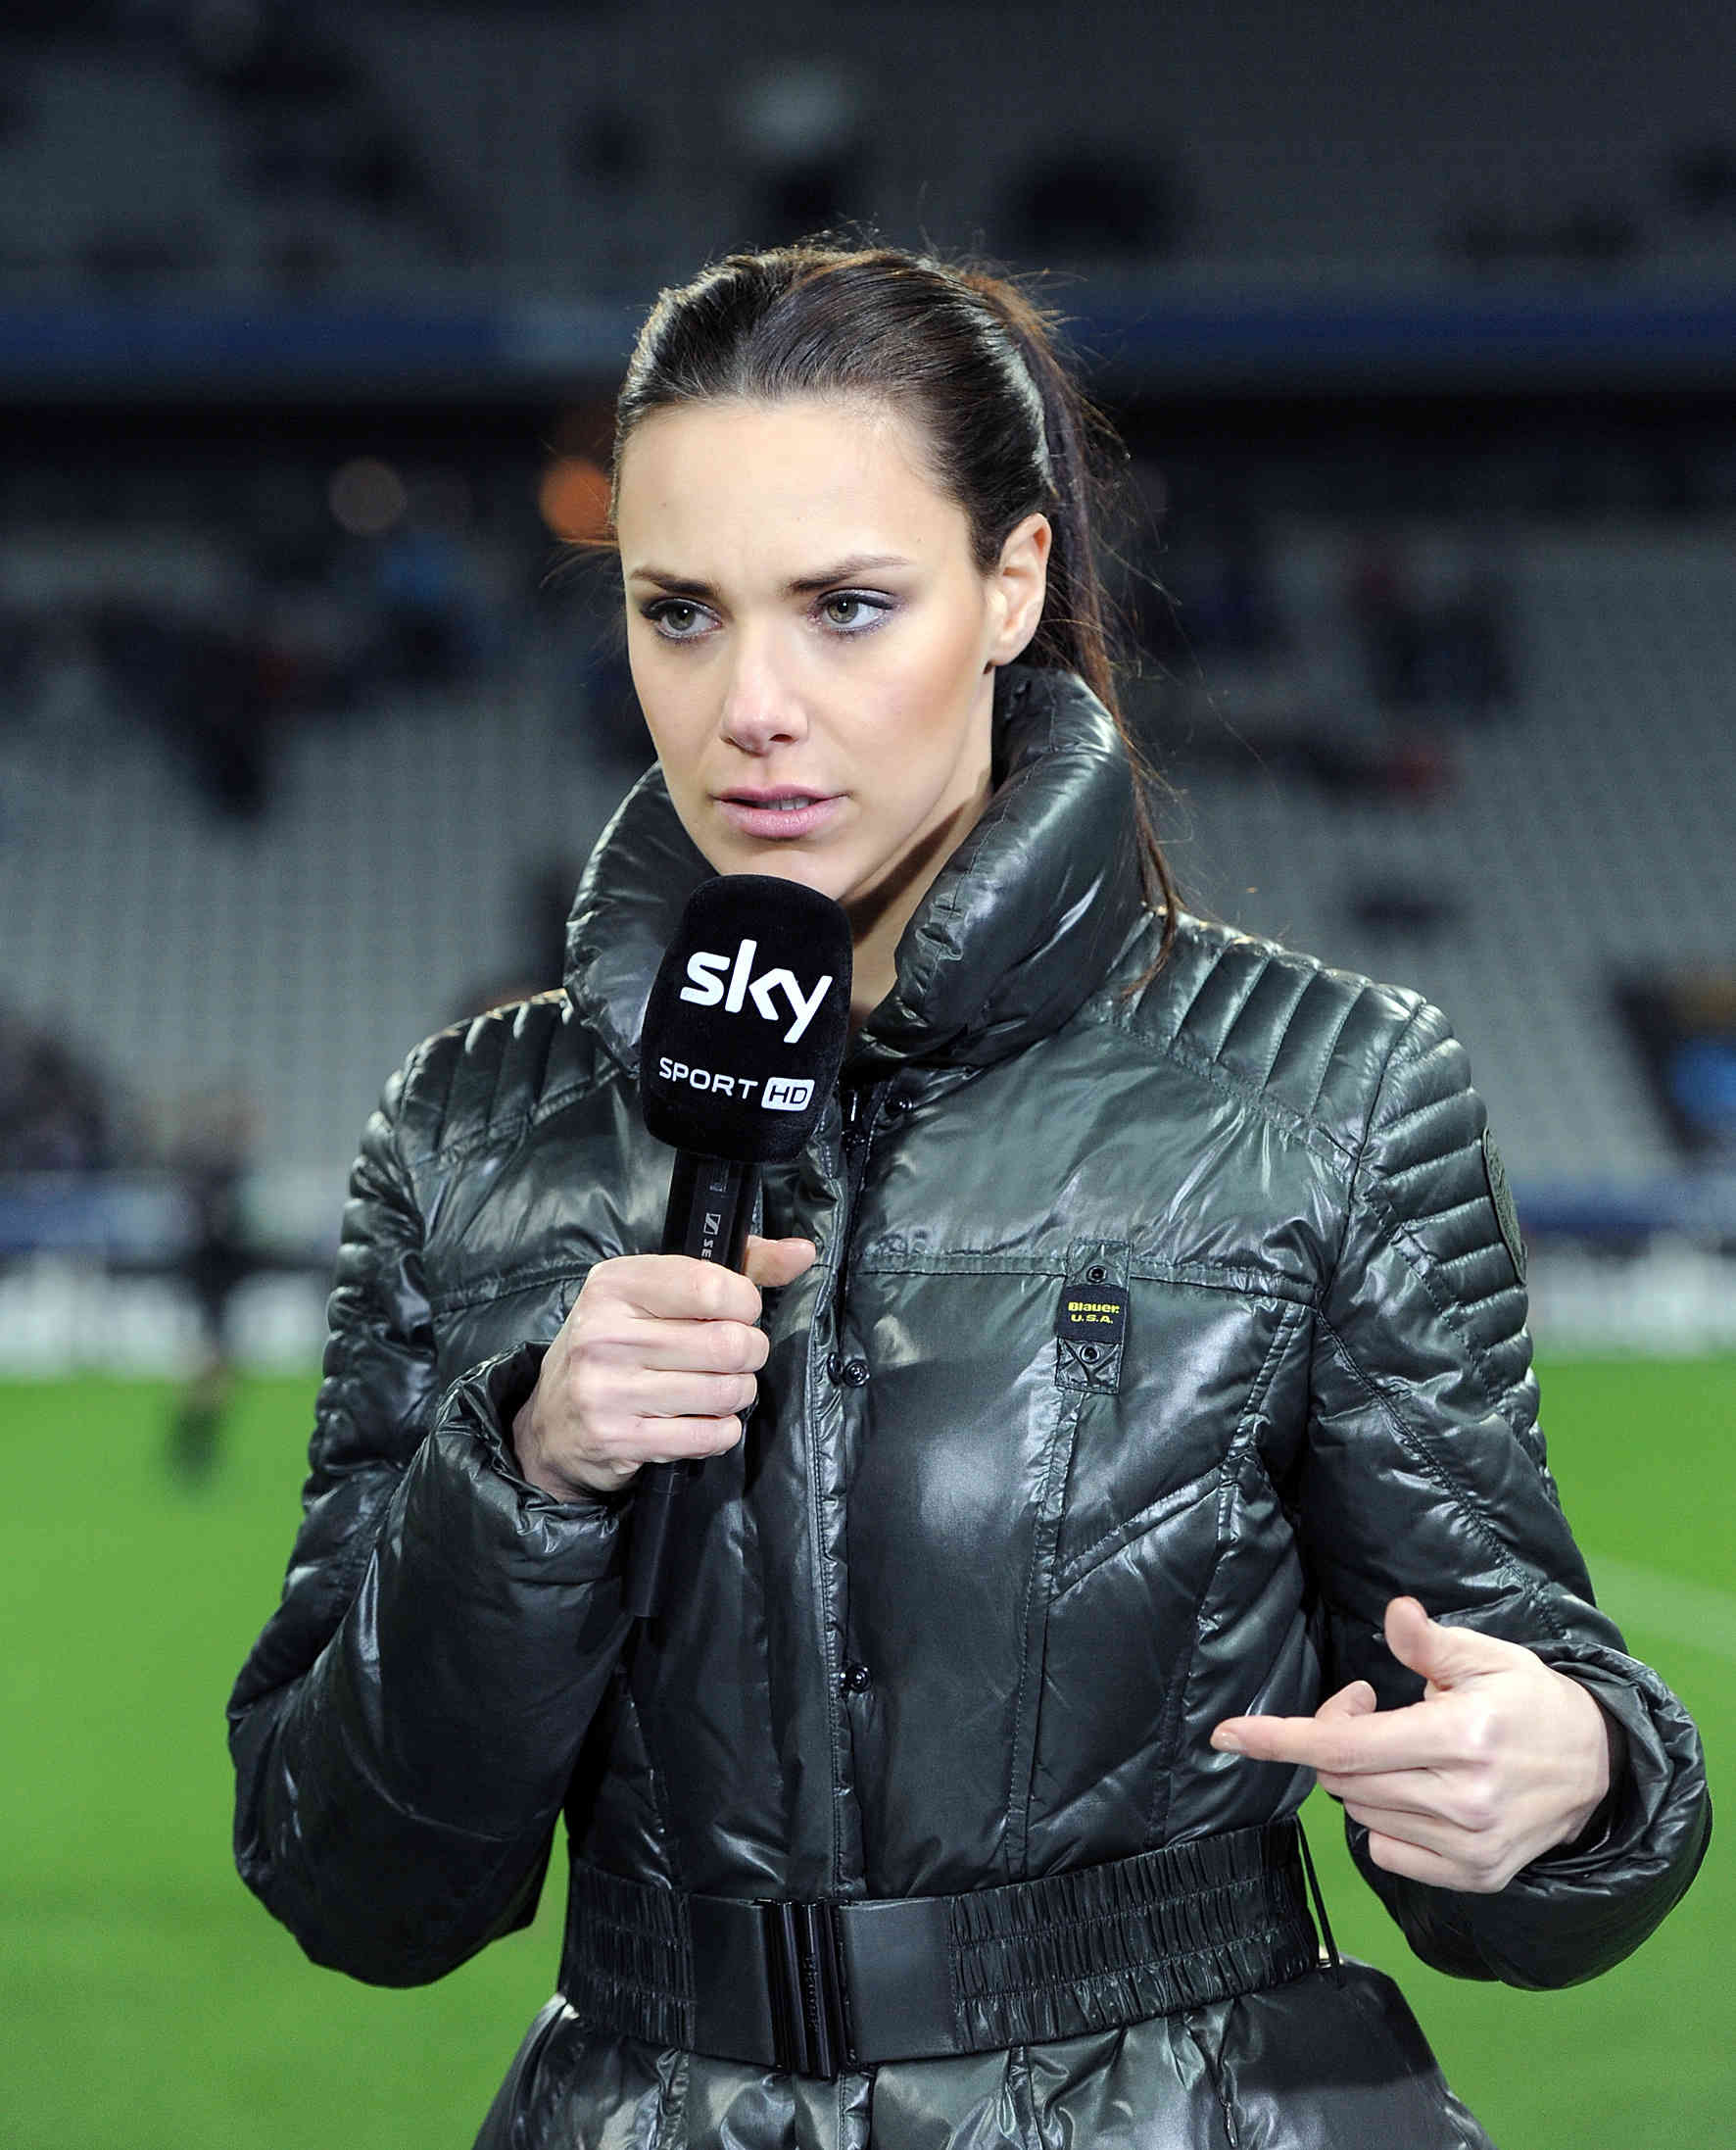 Sky-Moderatorin Esther Sedlaczek feiert Schwangerschaft und Verlobung